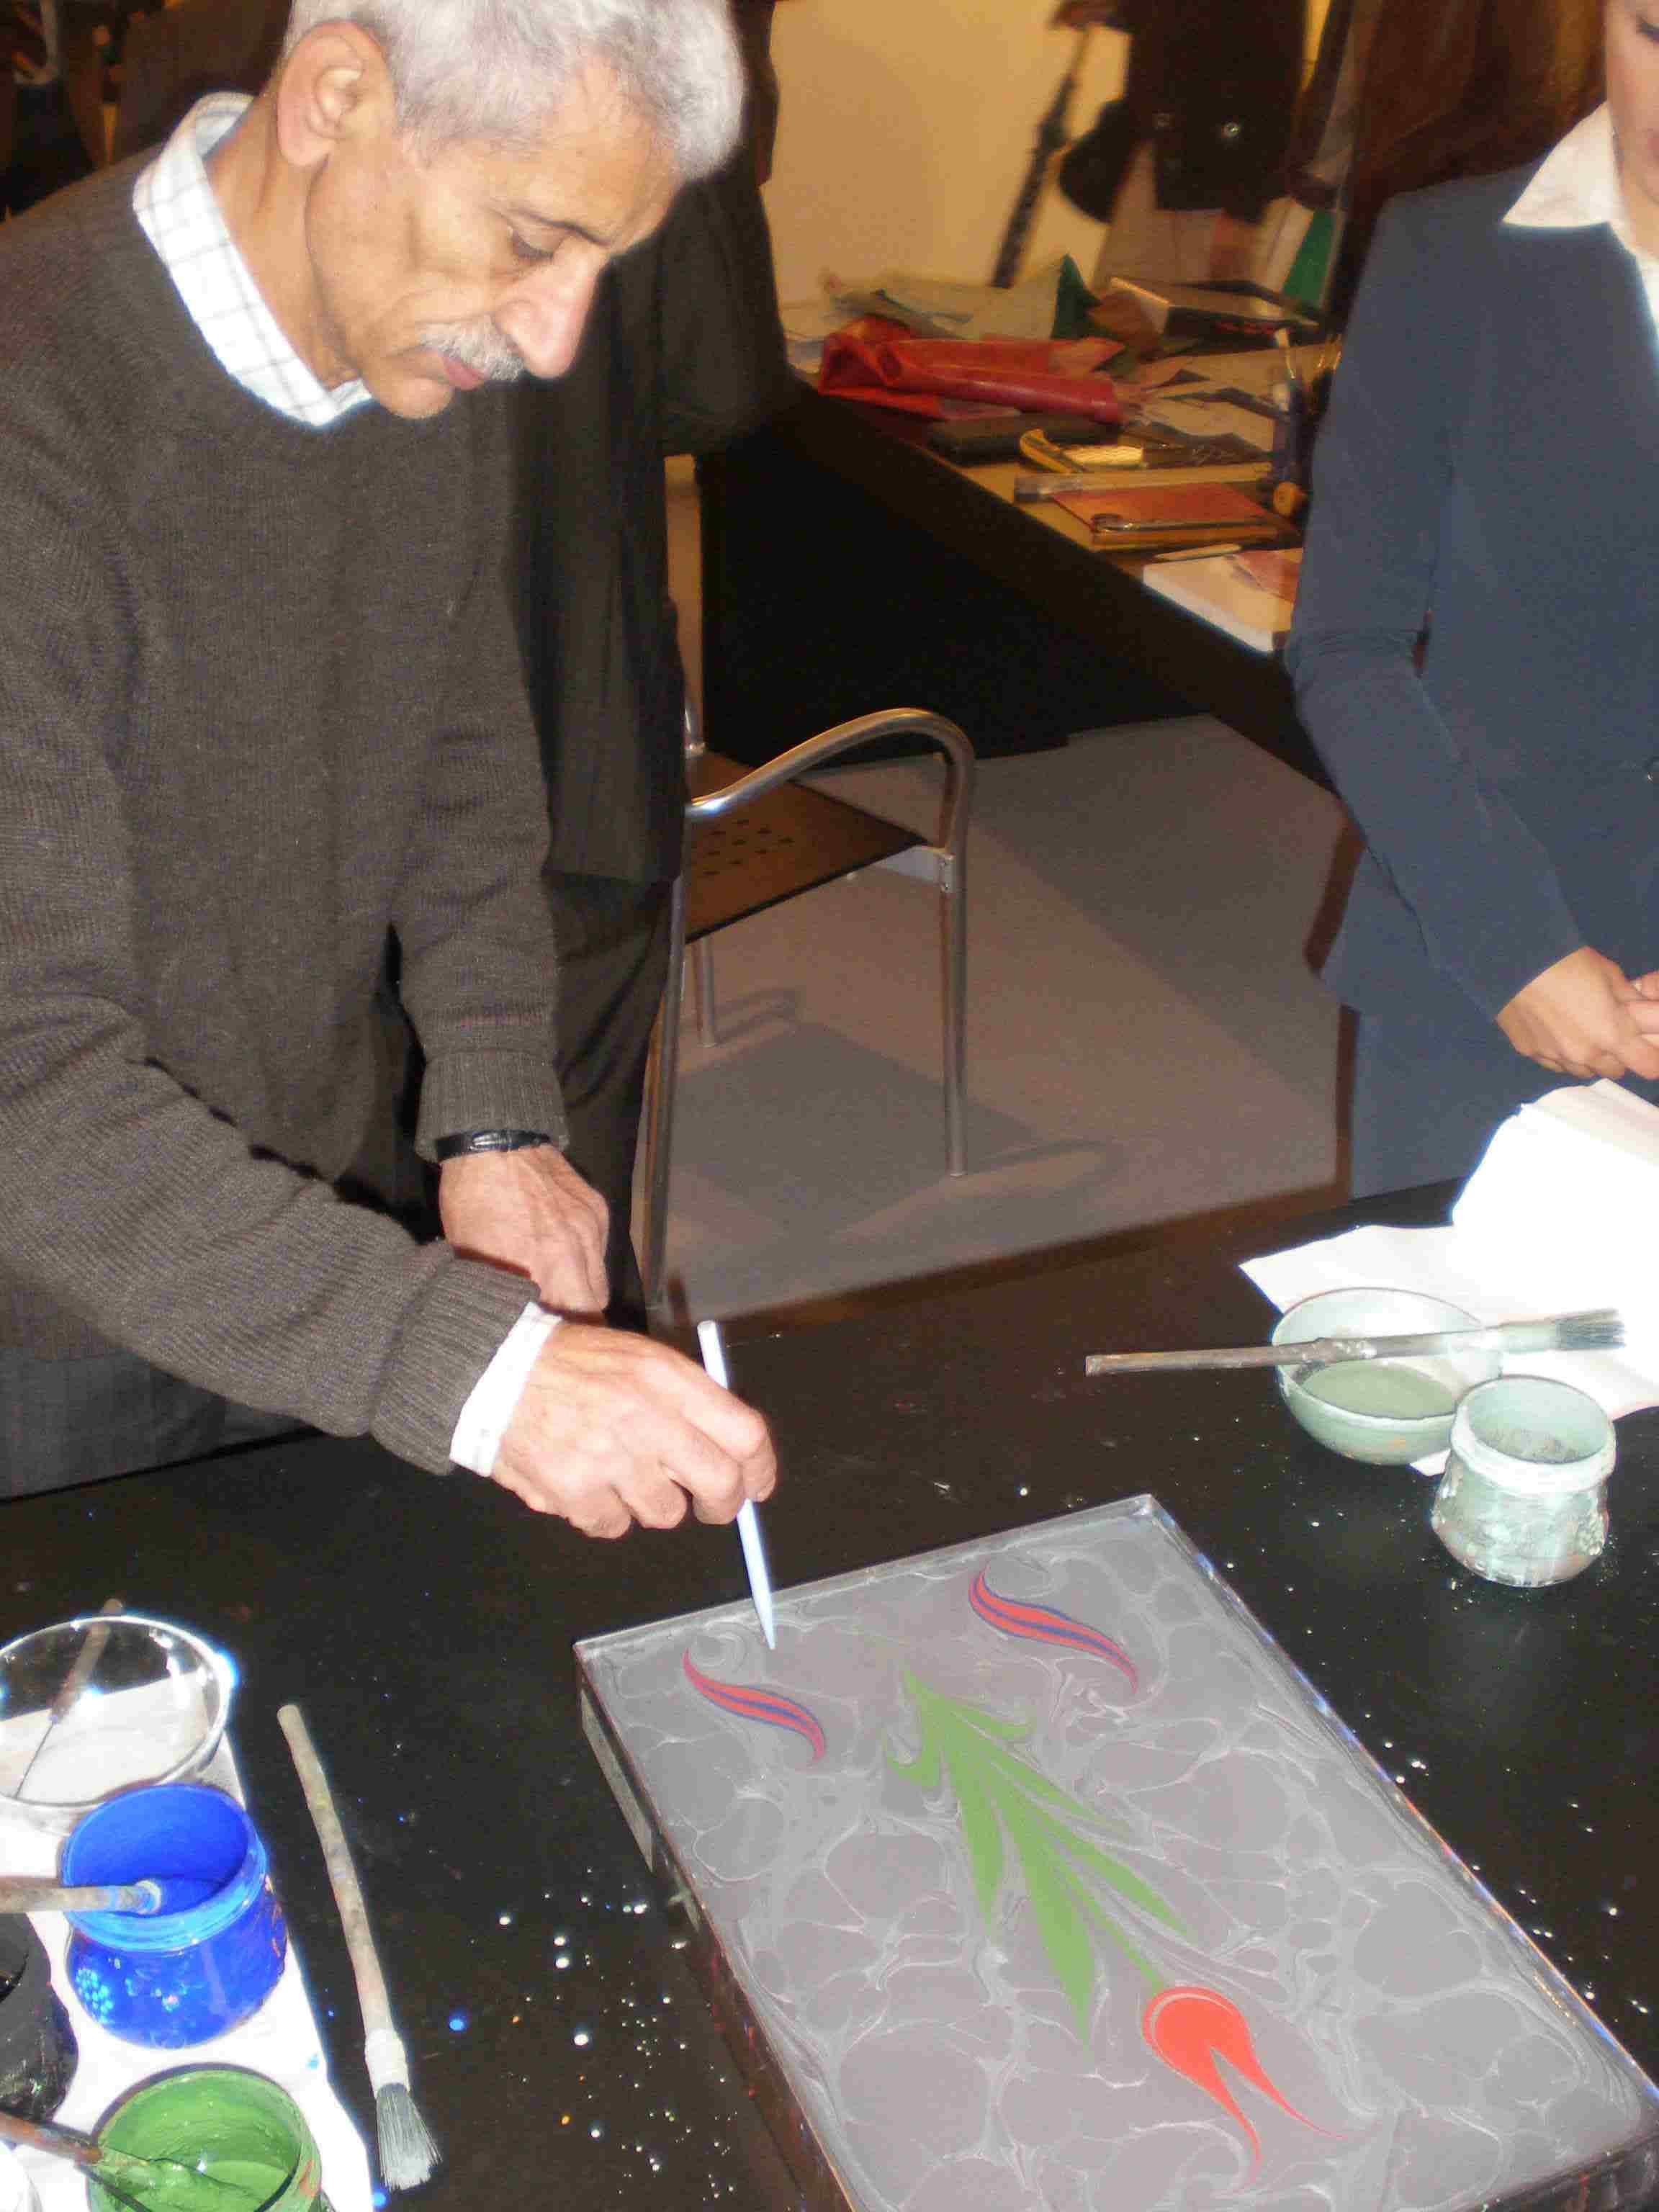 Obr. 9: Zvláště Turecko předvádělo ukázky výroby knižních obálek, kaligrafii, a dokonce bylo možné ochutnat typického turka